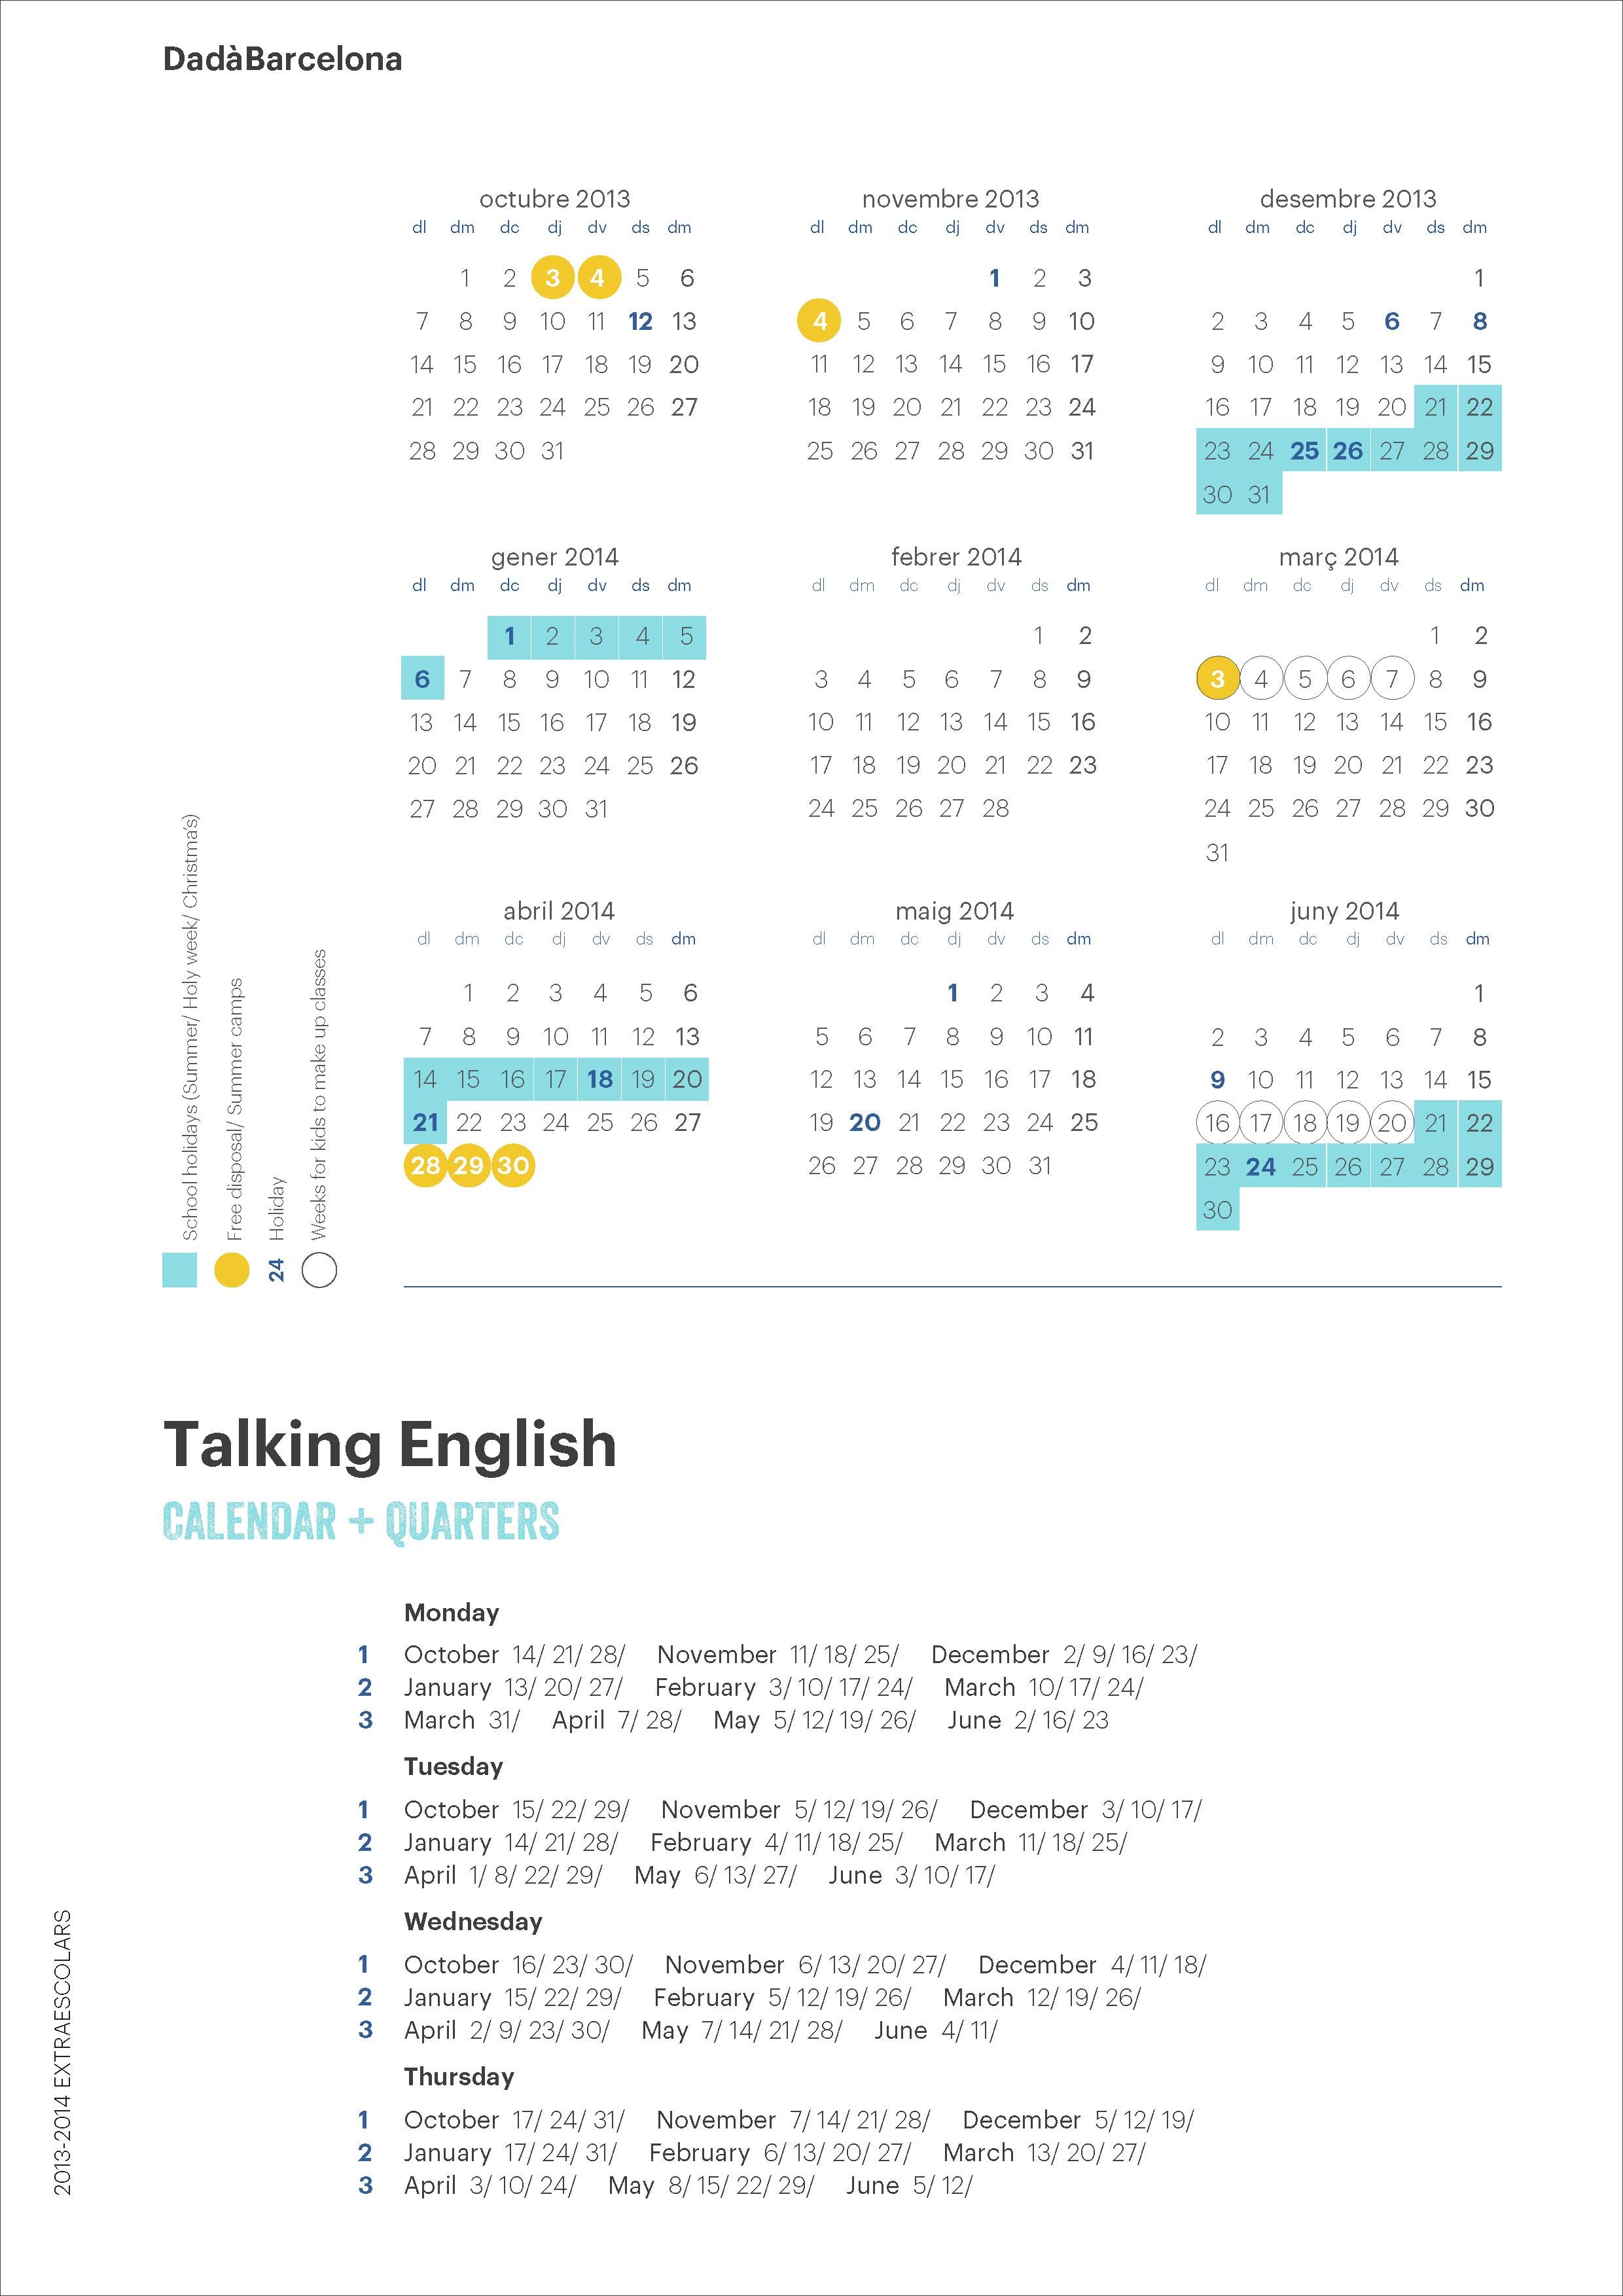 Talking English_calendari.jpg